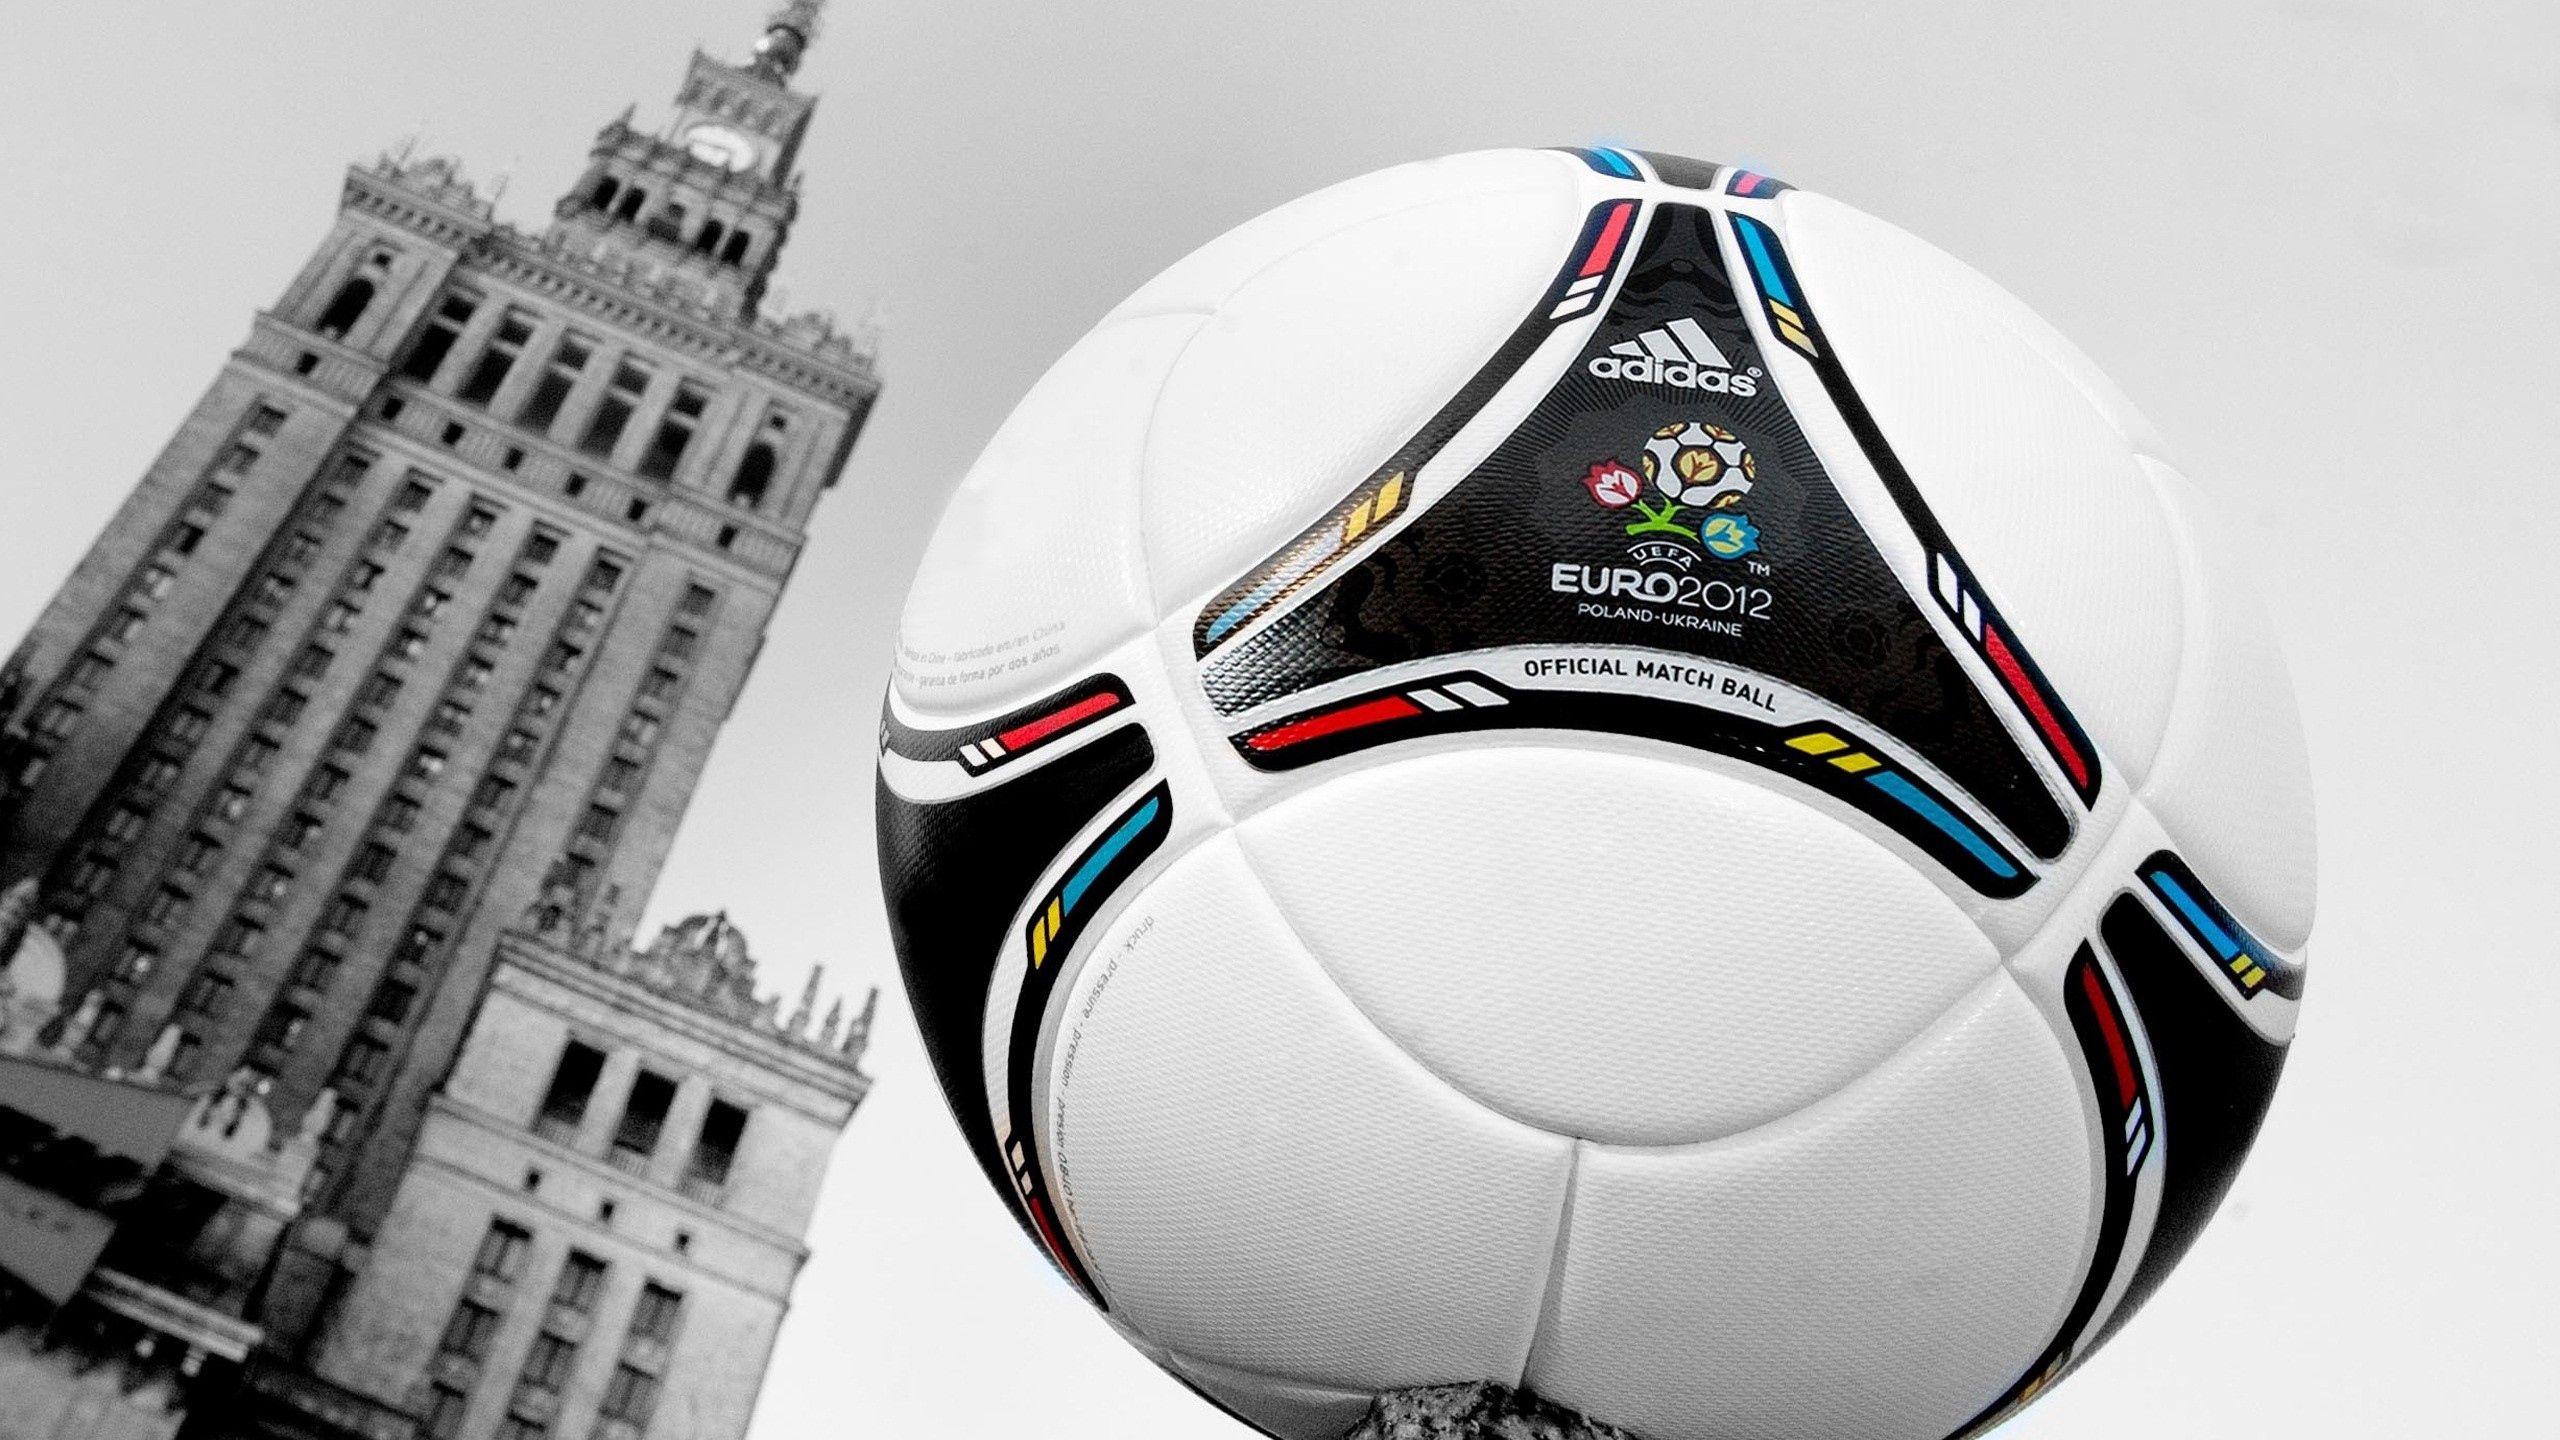 102493 скачать обои Спорт, Мяч, Футбол, Евро 2012, Чемпионат, Башня - заставки и картинки бесплатно